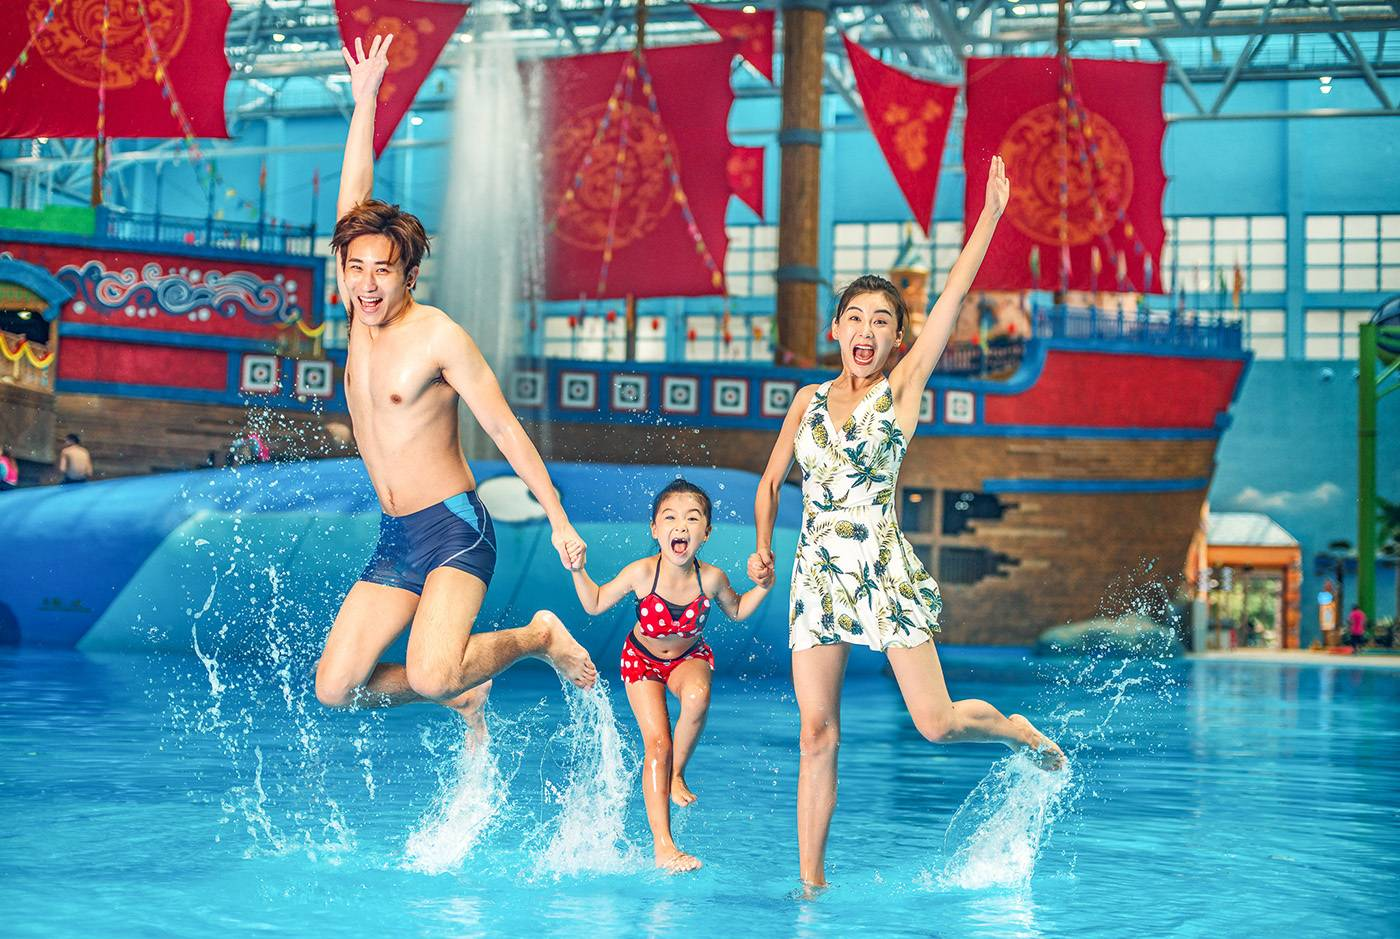 【广州花都】暑假夜专场!239元秒杀融创水世界夜场2大1小家庭门票1张,尽享清凉暑假